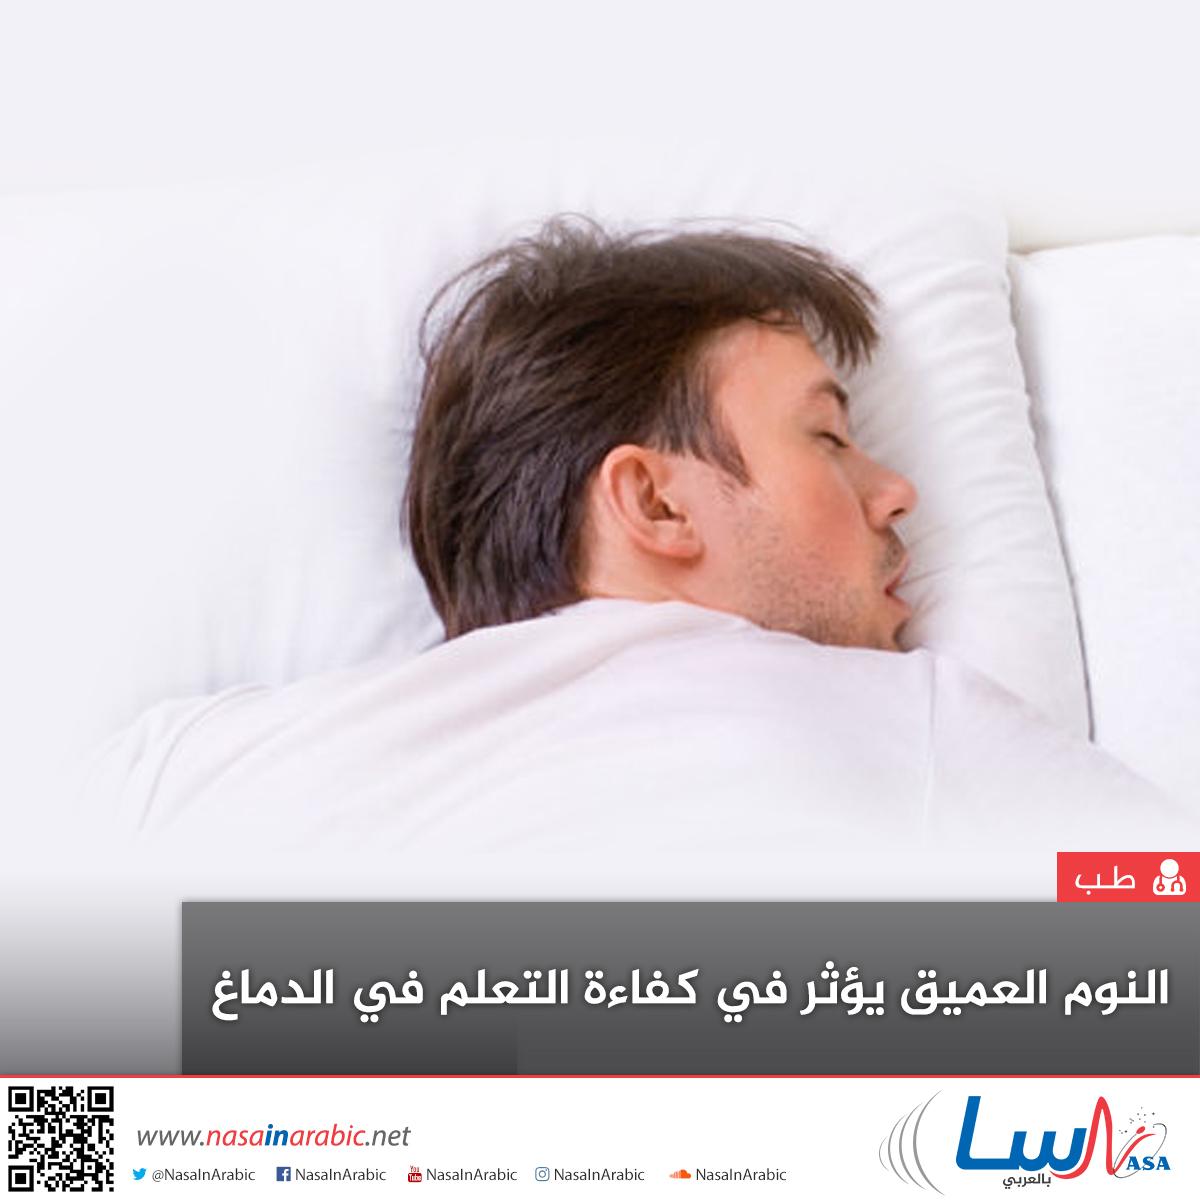 النوم العميق يؤثر في كفاءة التعلم في الدماغ